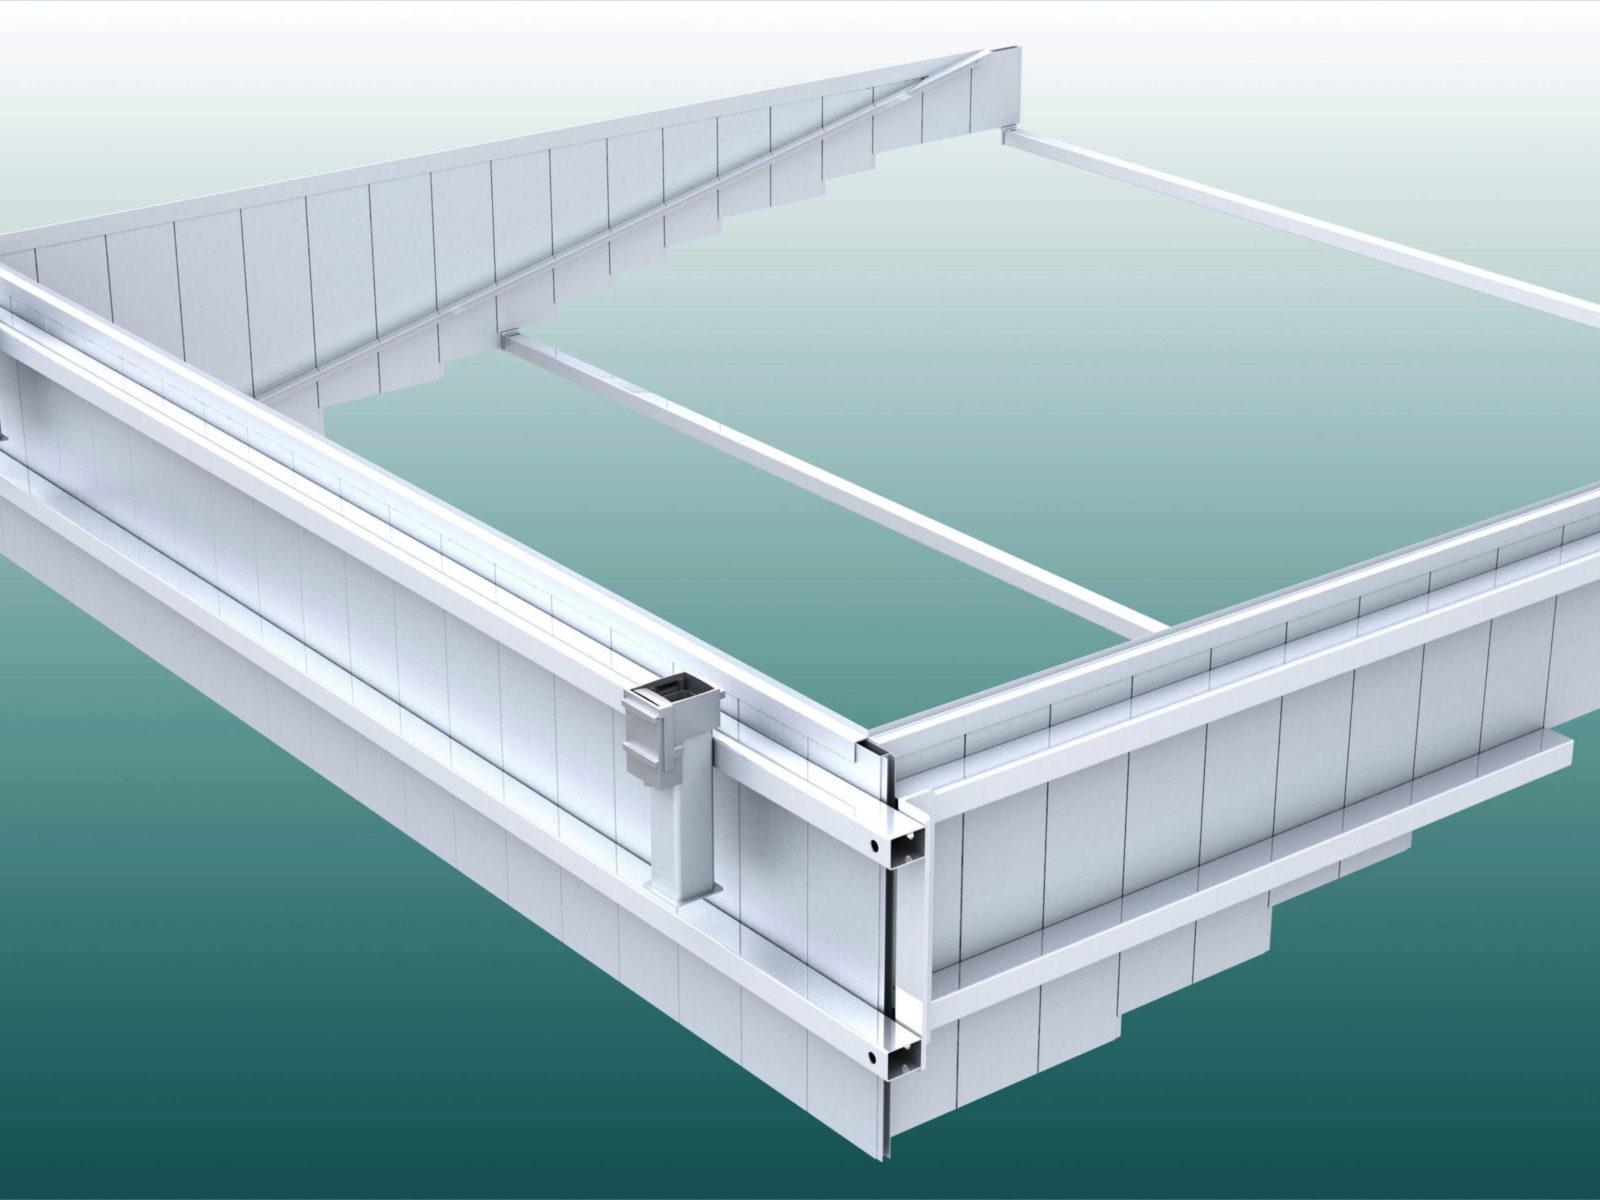 Wassergraben-Bausatz, dreiteilig aus Aluminium von artec Sportgeräte